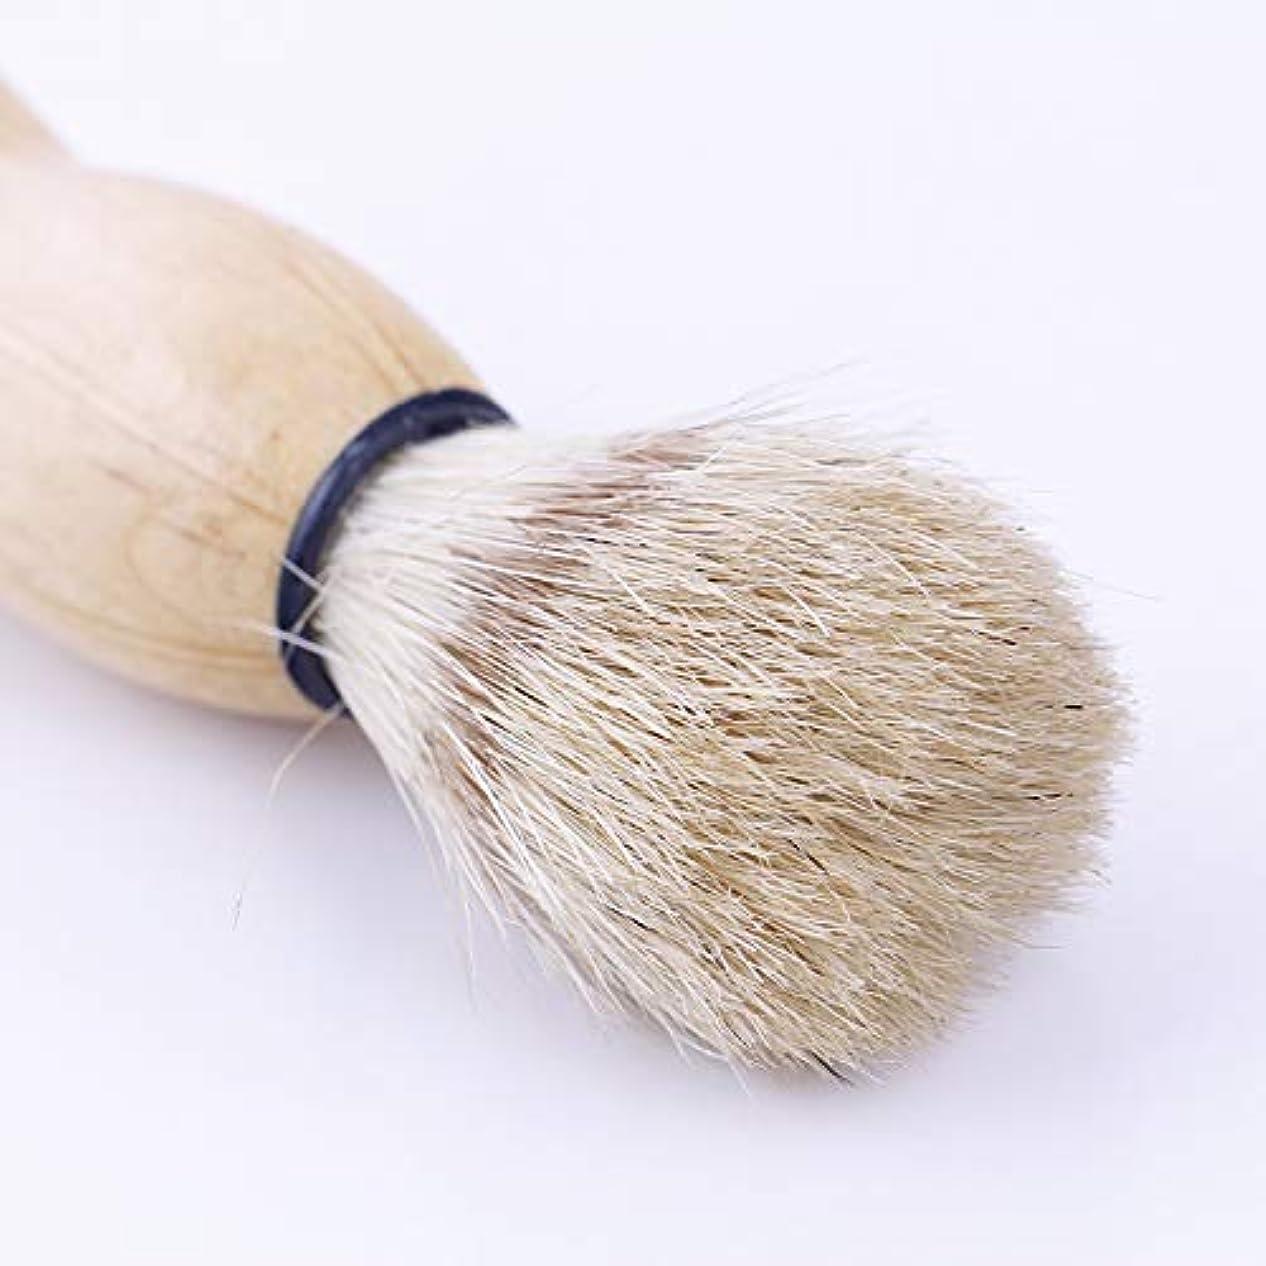 ドール歌う悪性SMTHOME シェービング用ブラシ メンズ 100% ウール毛 理容 洗顔 髭剃り 泡立ち